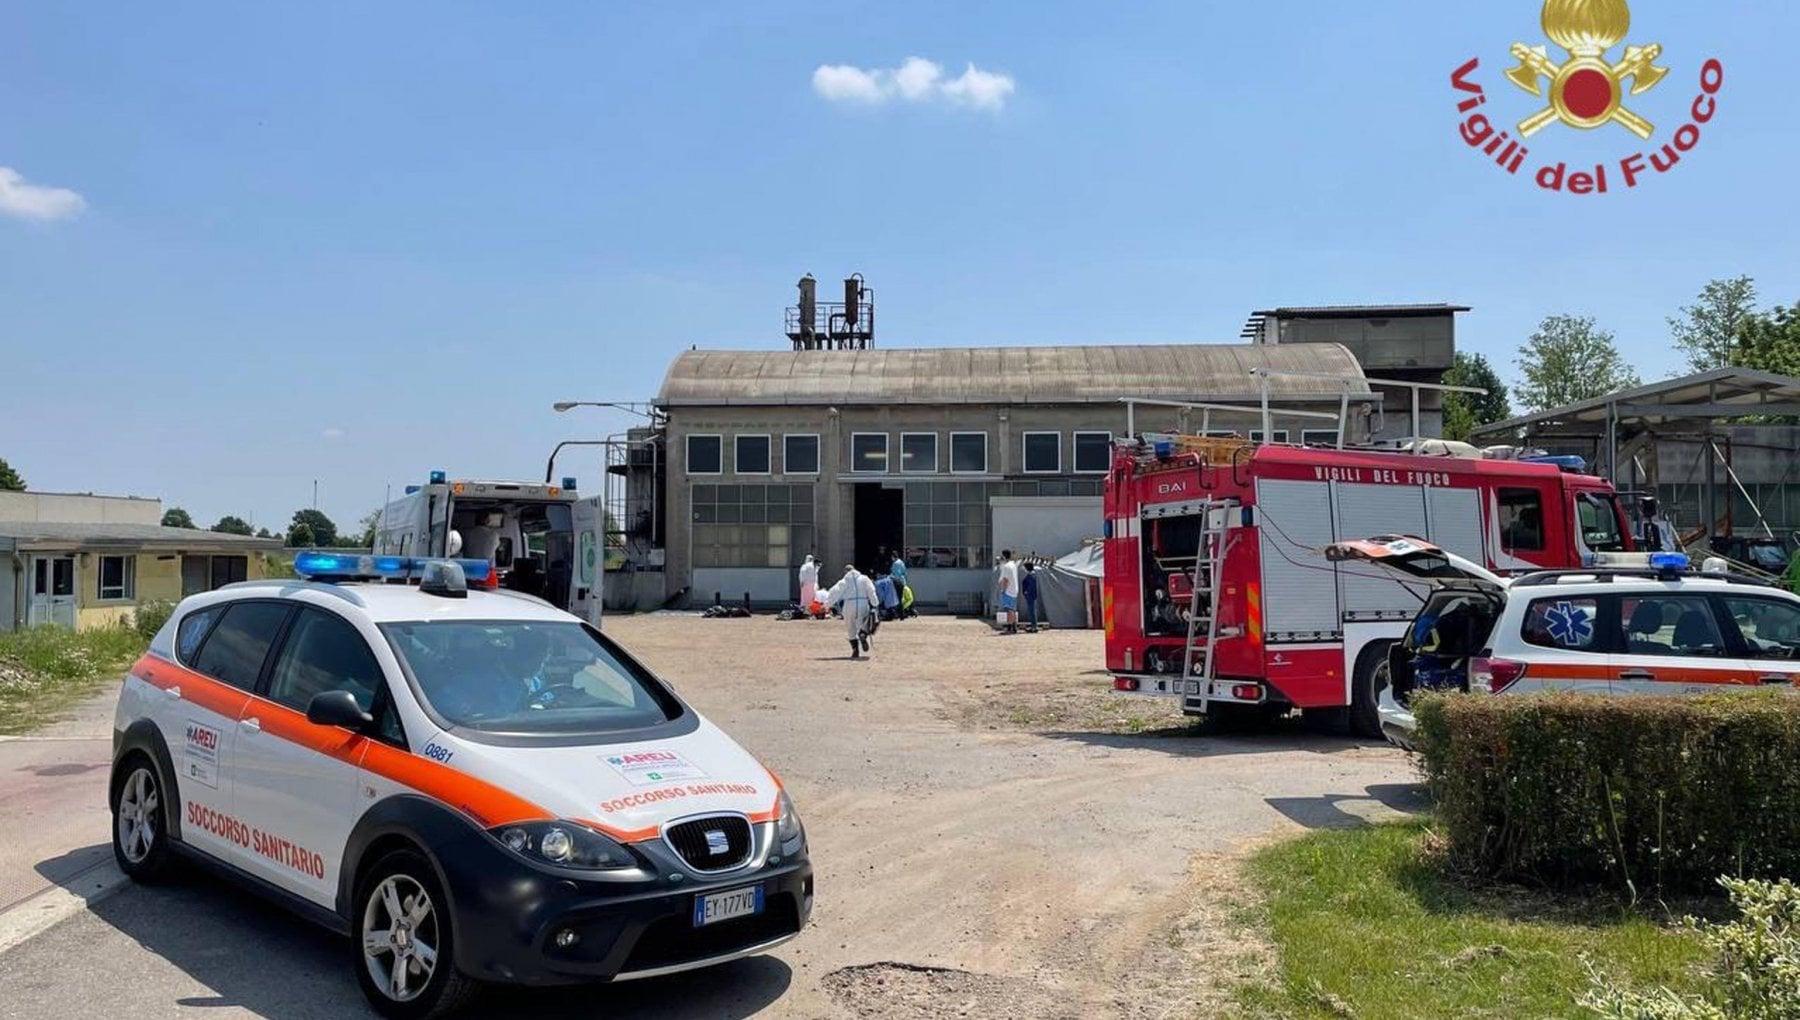 """210847008 4363c498 a133 4027 b1e2 6a624185b6dd - Pavia, due operai muoiono soffocati dal gas: """"Non avevano la maschera di sicurezza"""""""